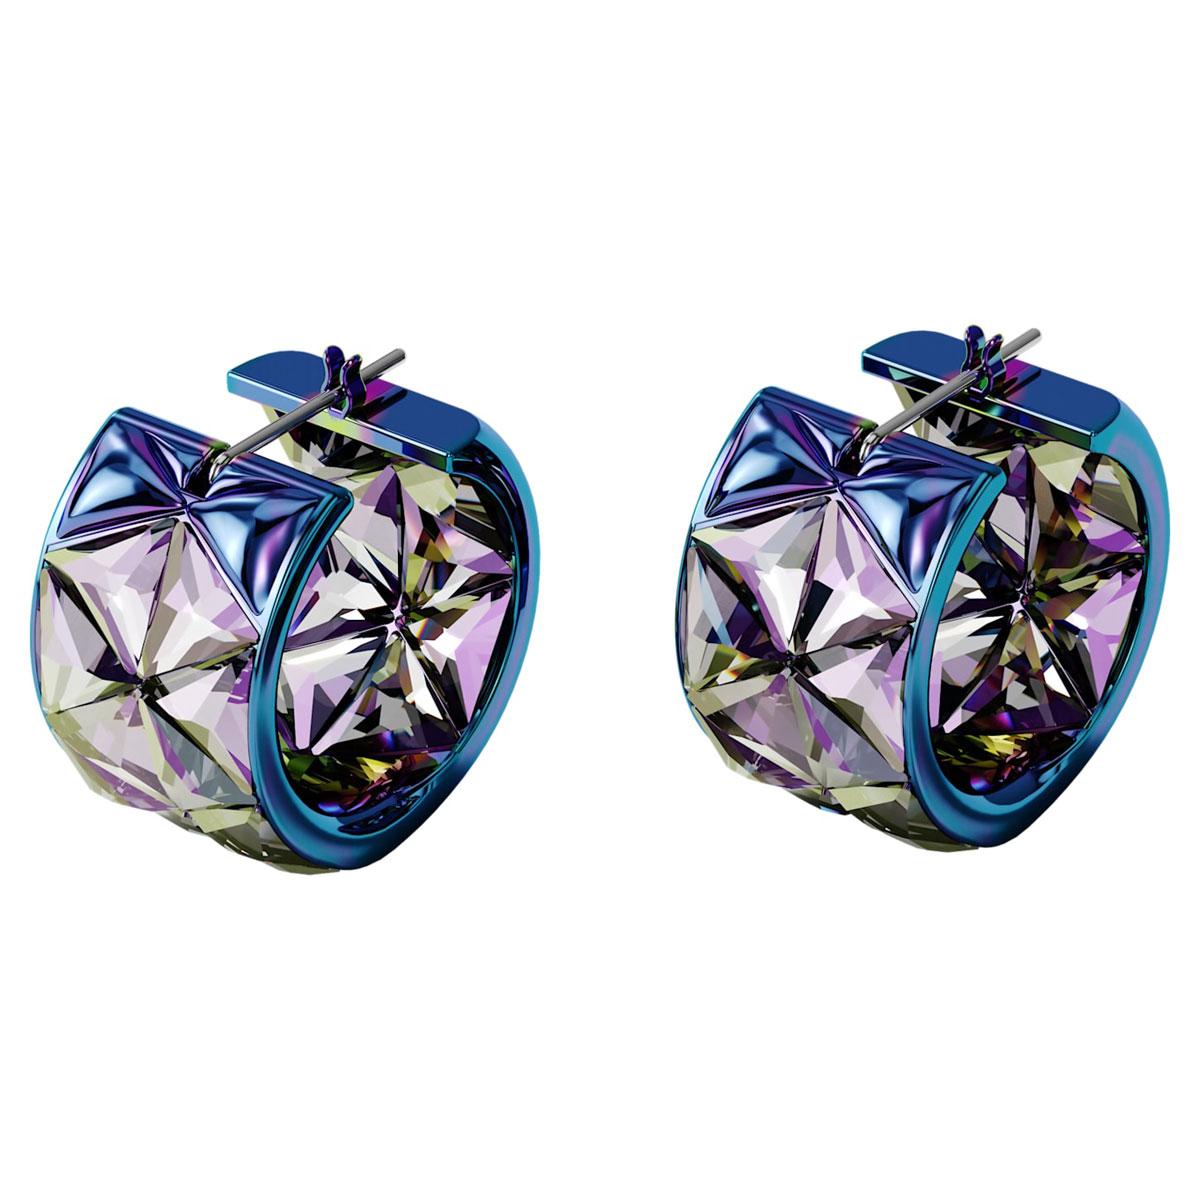 Swarovski Curiosa Earrings, Blue, Pair